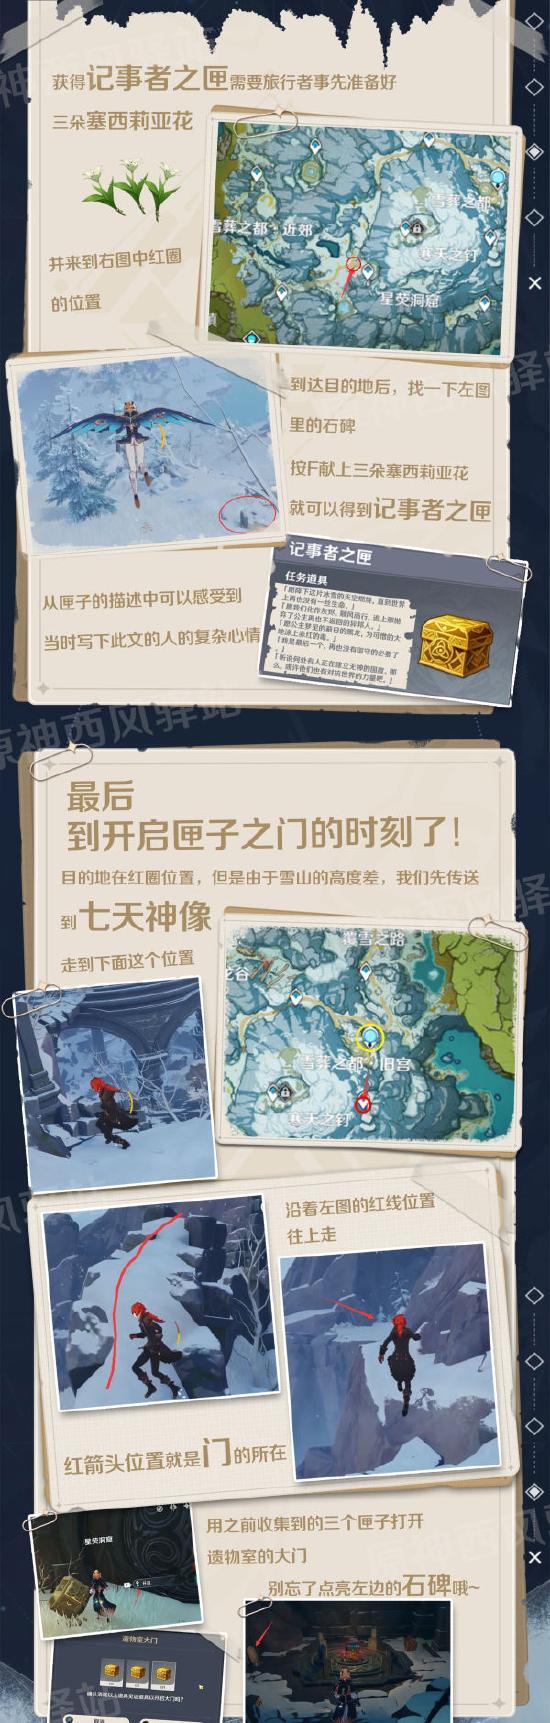 【1.2攻略】隐藏任务:藏在匣子与石碑背后的故事